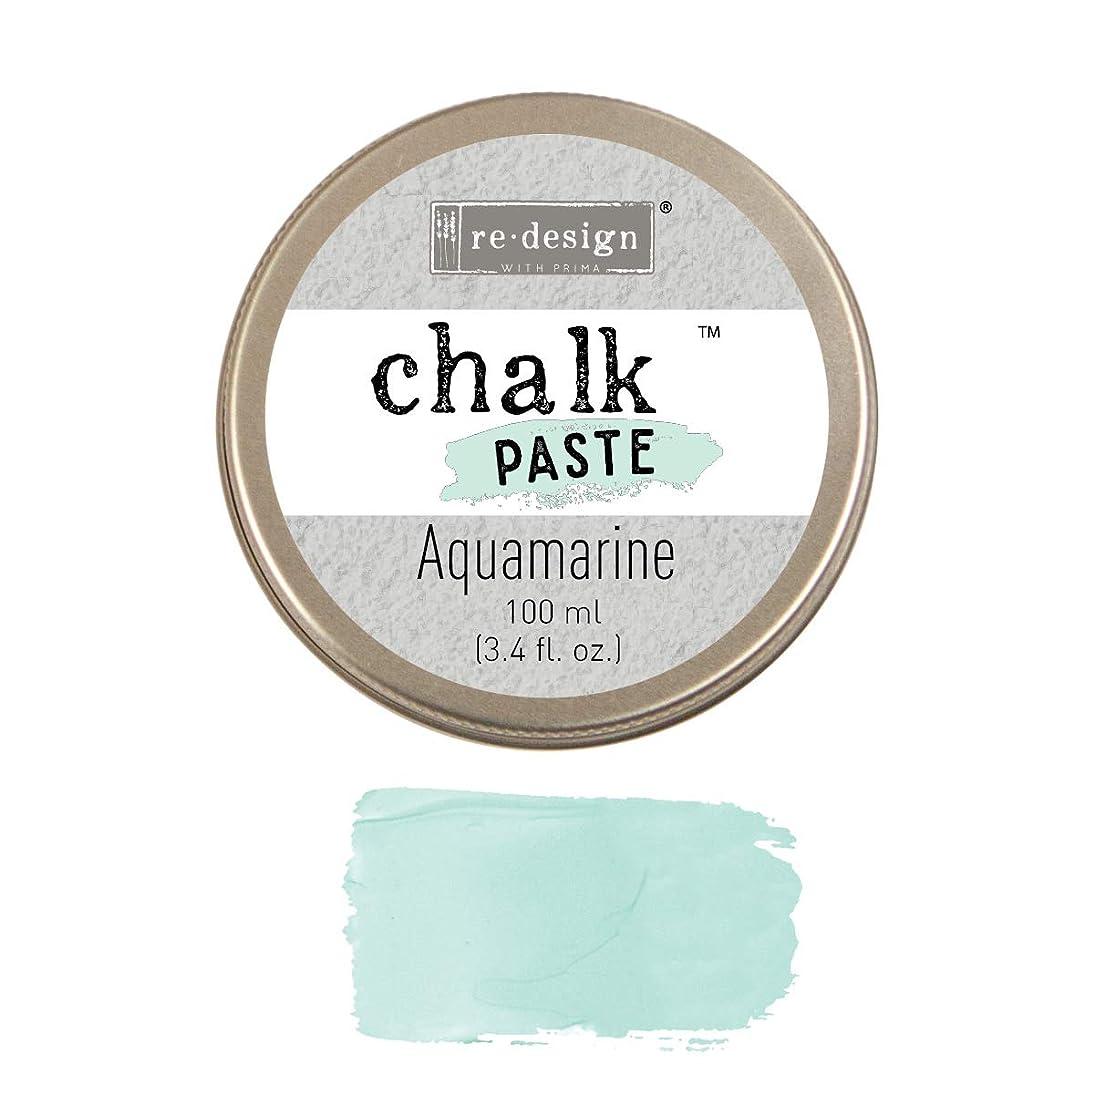 Prima Marketing Inc. 635220 Redesign Chalk Paste, Aquamarine